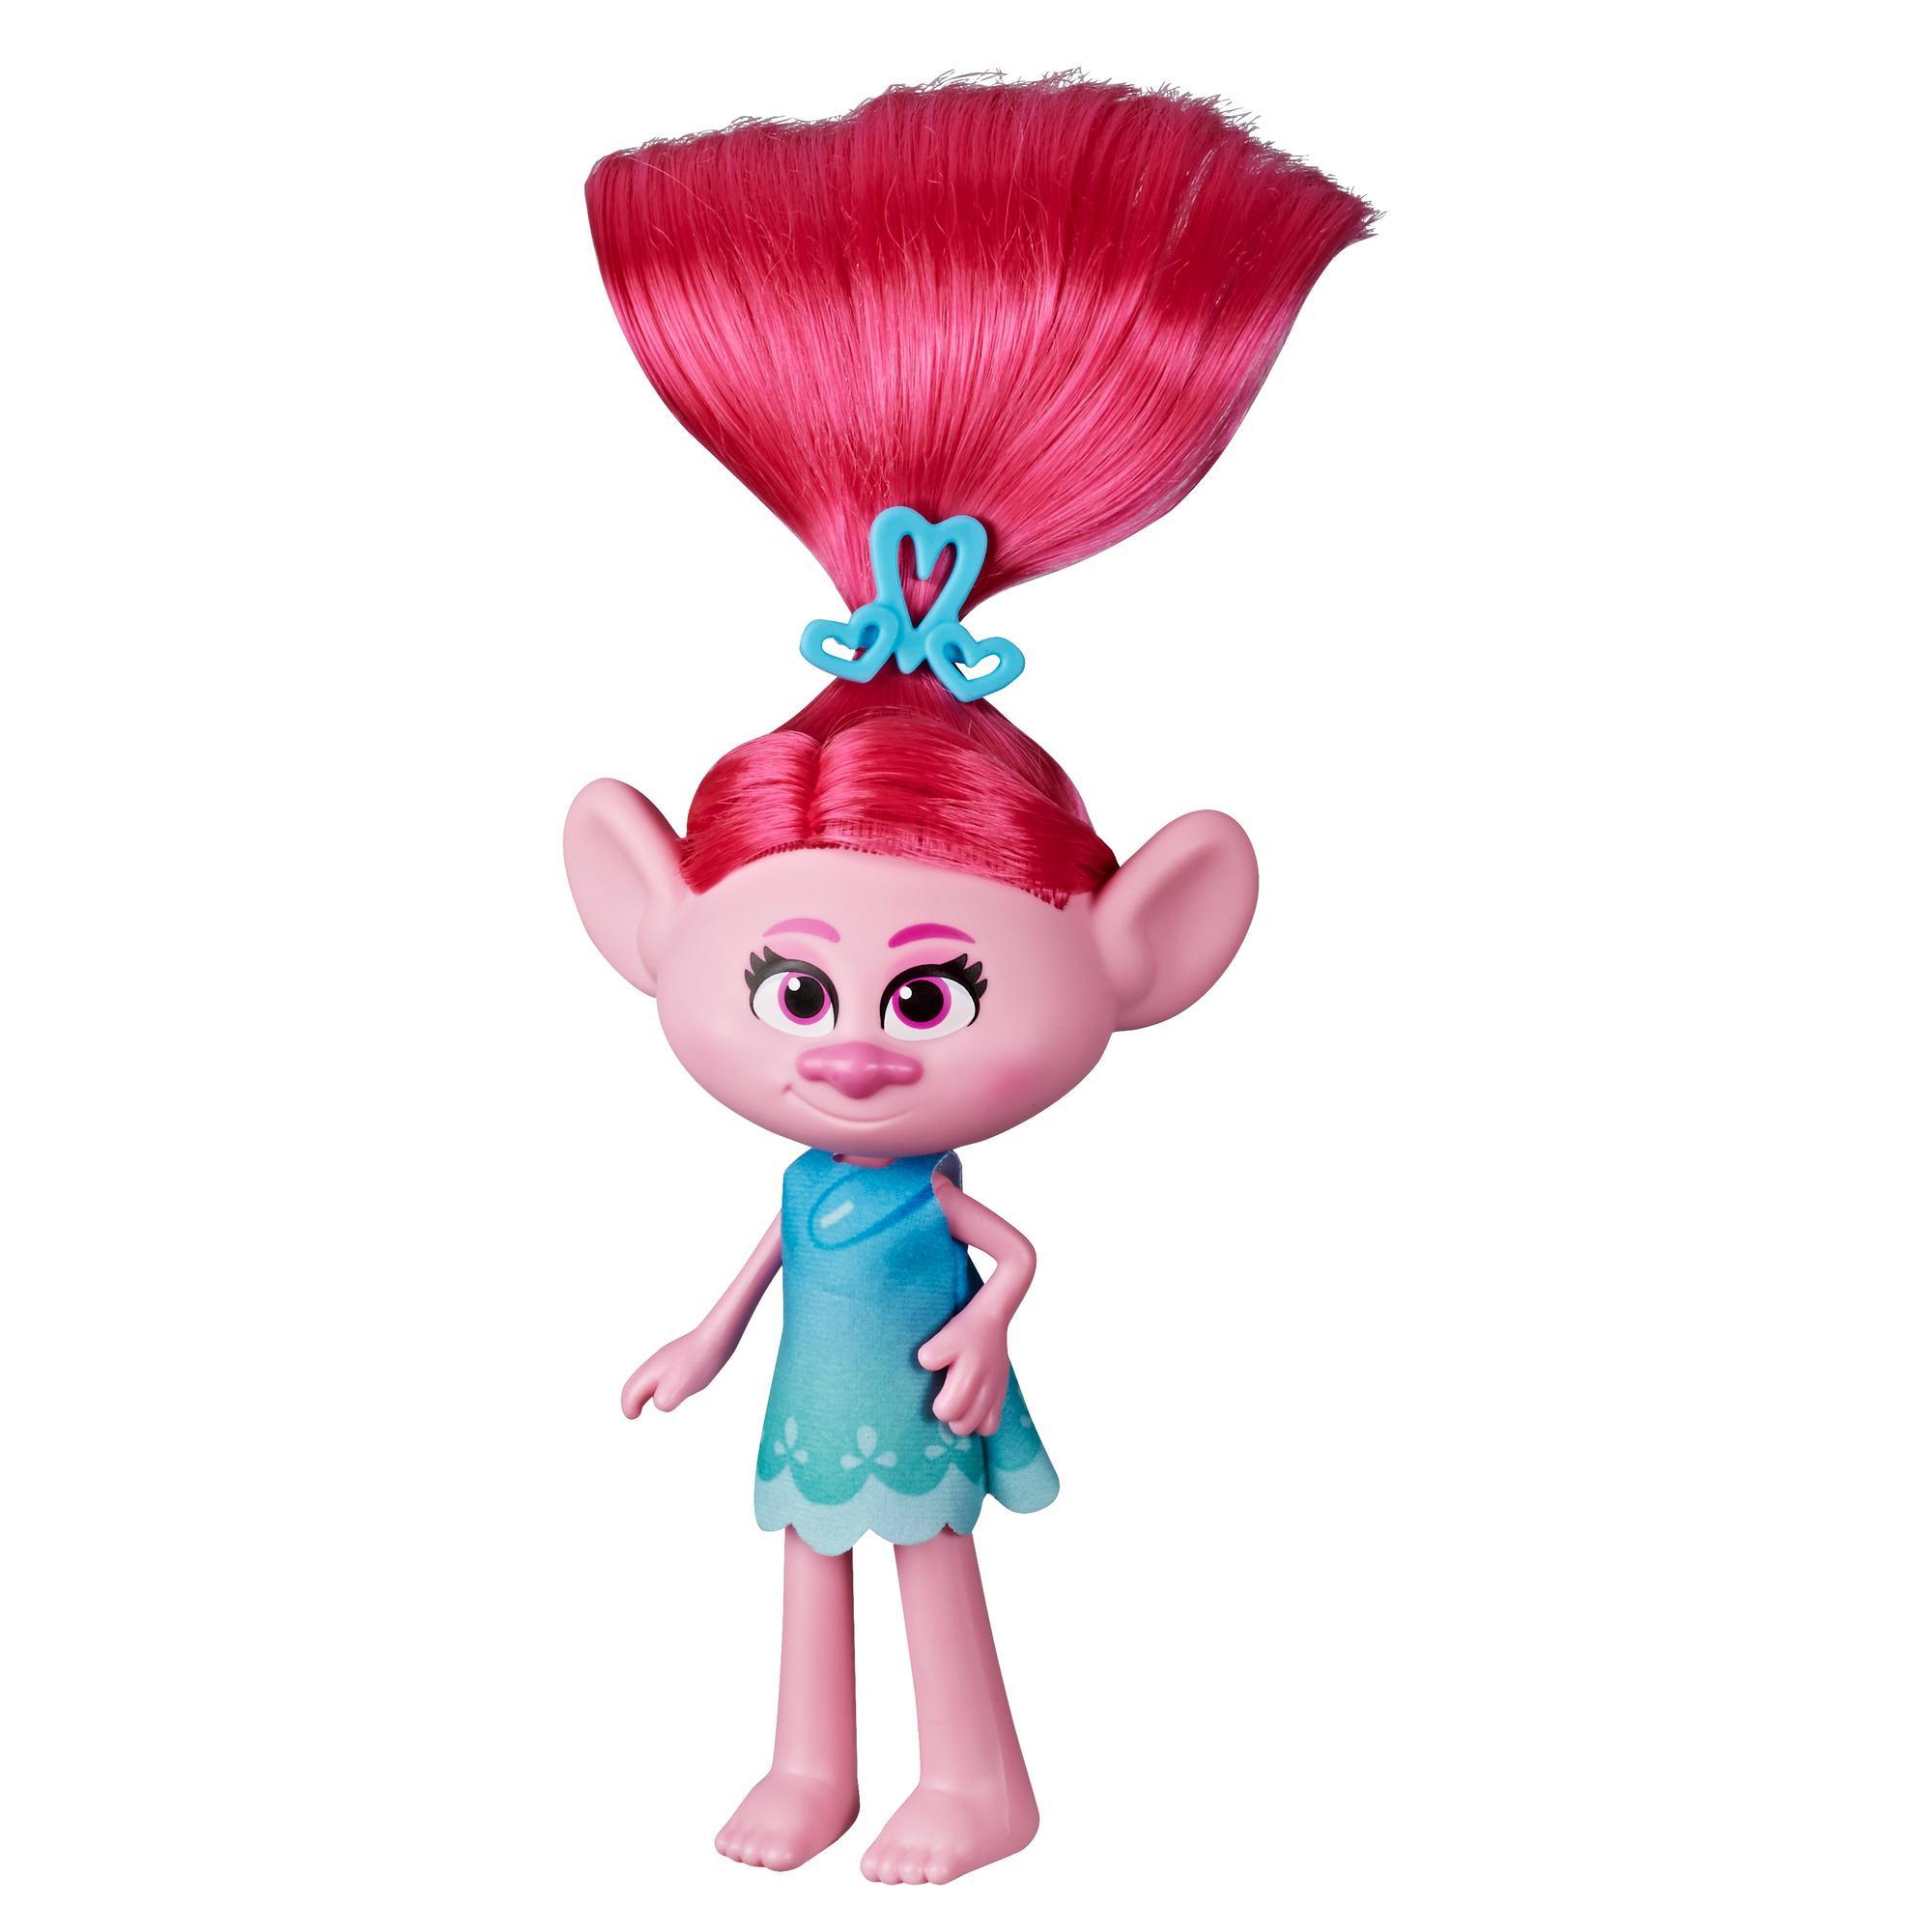 Trolls de DreamWorks, Poppy Mode, robe amovible, accessoire de coiffure, inspirée de Trolls 2 : Tournée mondiale